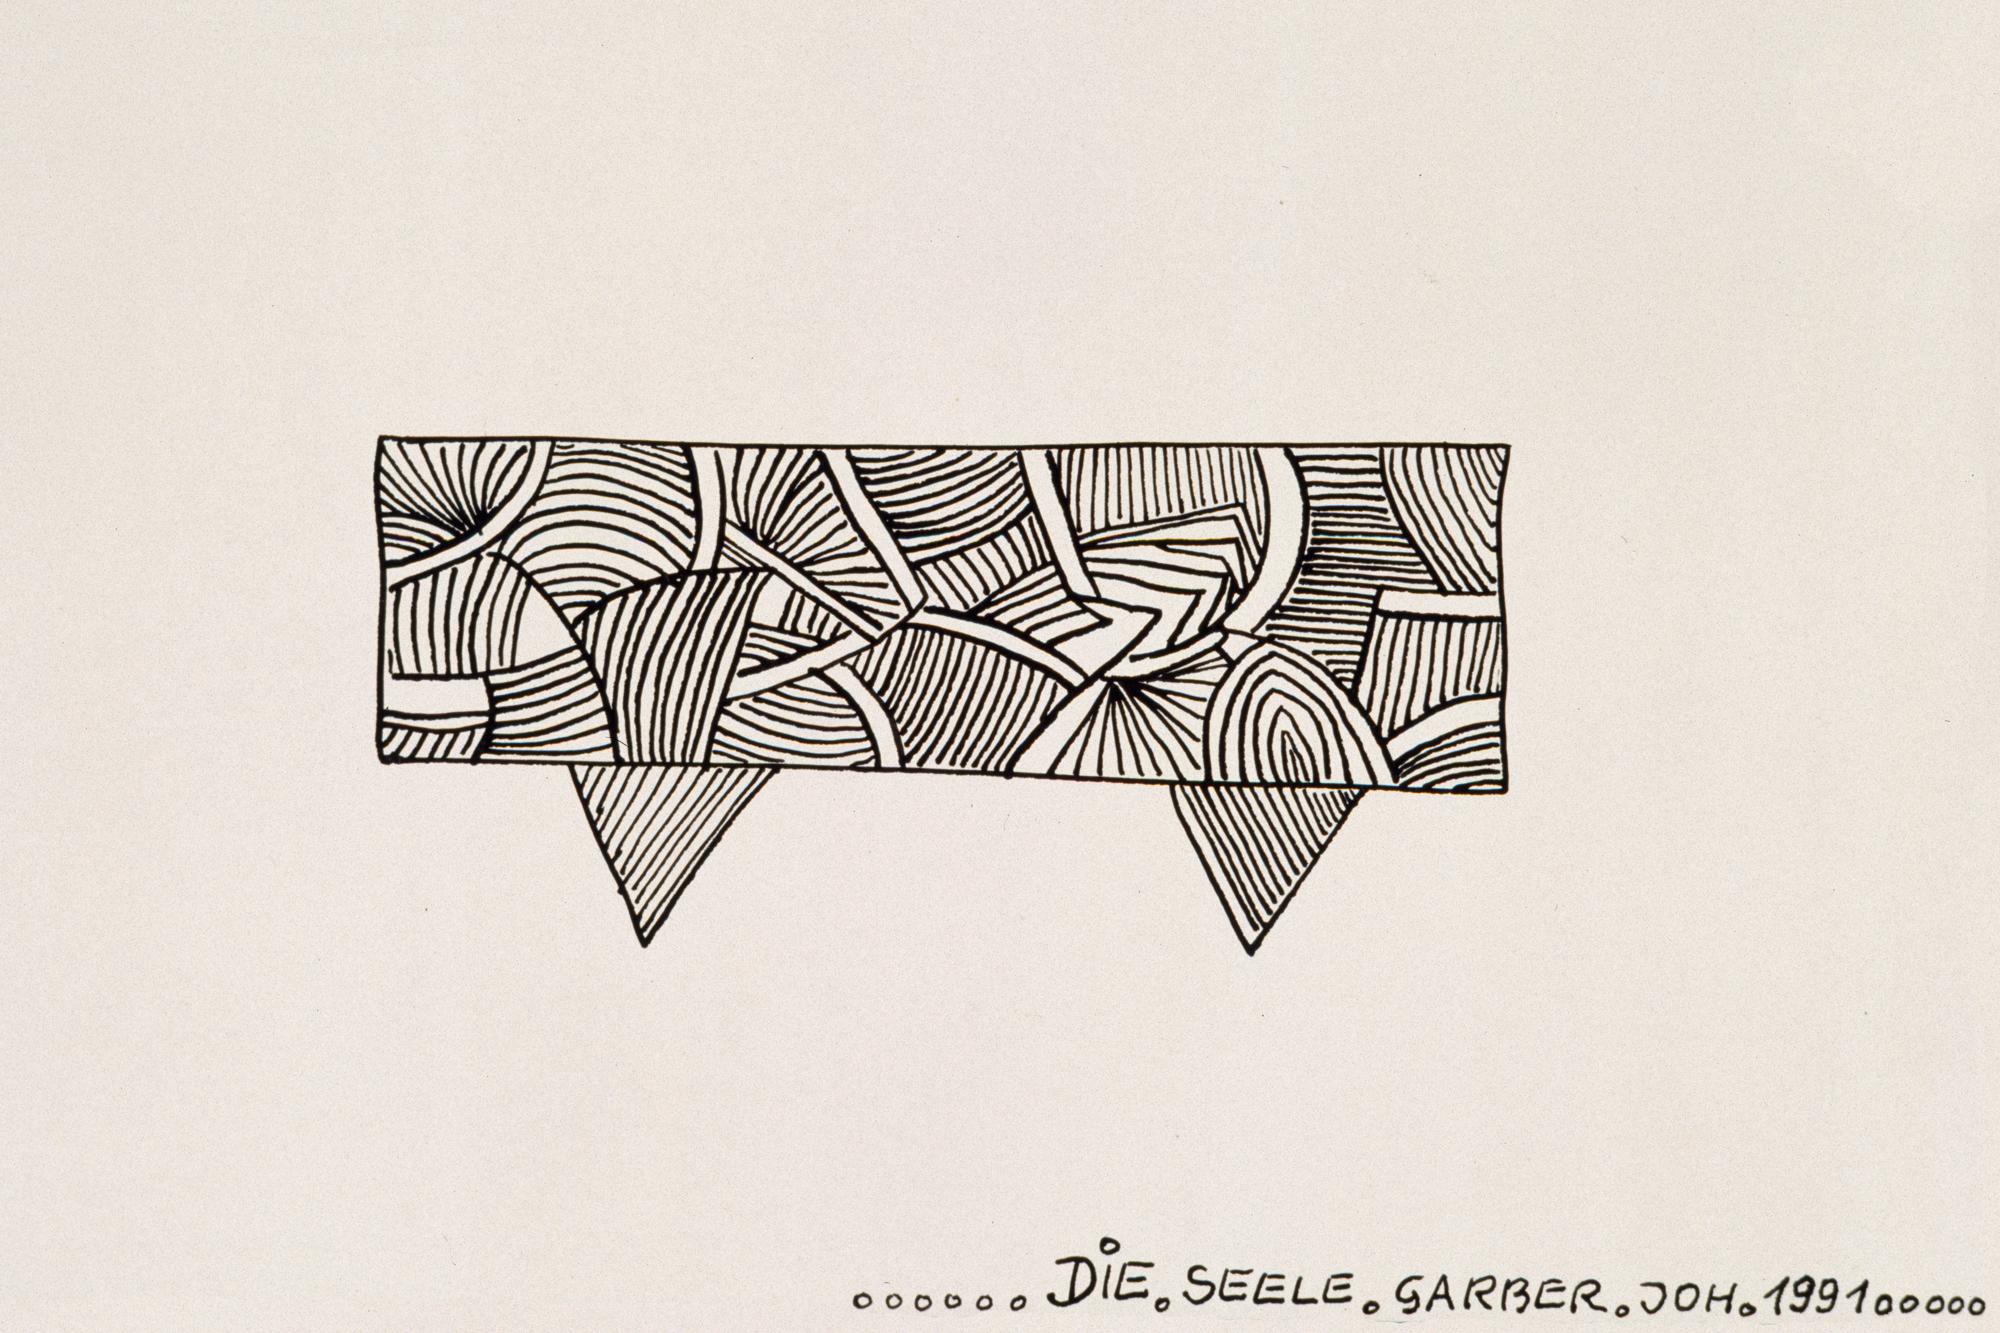 Johann Garber, DIE.SEELE, 1991 © Prof. Karlheinz Essl, Klosterneuburg © Privatstiftung – Künstler aus Gugging